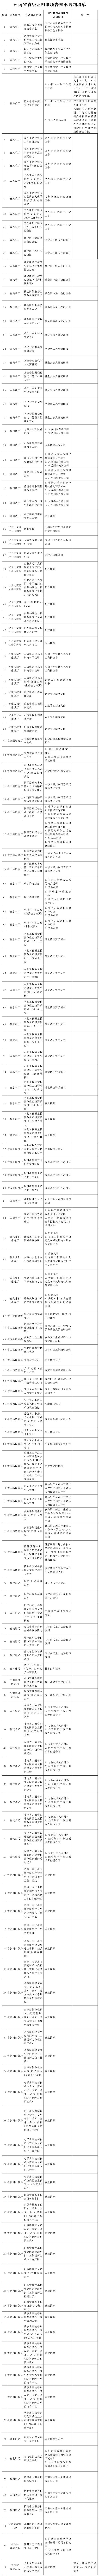 河南省人民政府办公厅关于印发河南省省级证明事项告知承诺制清单的通知